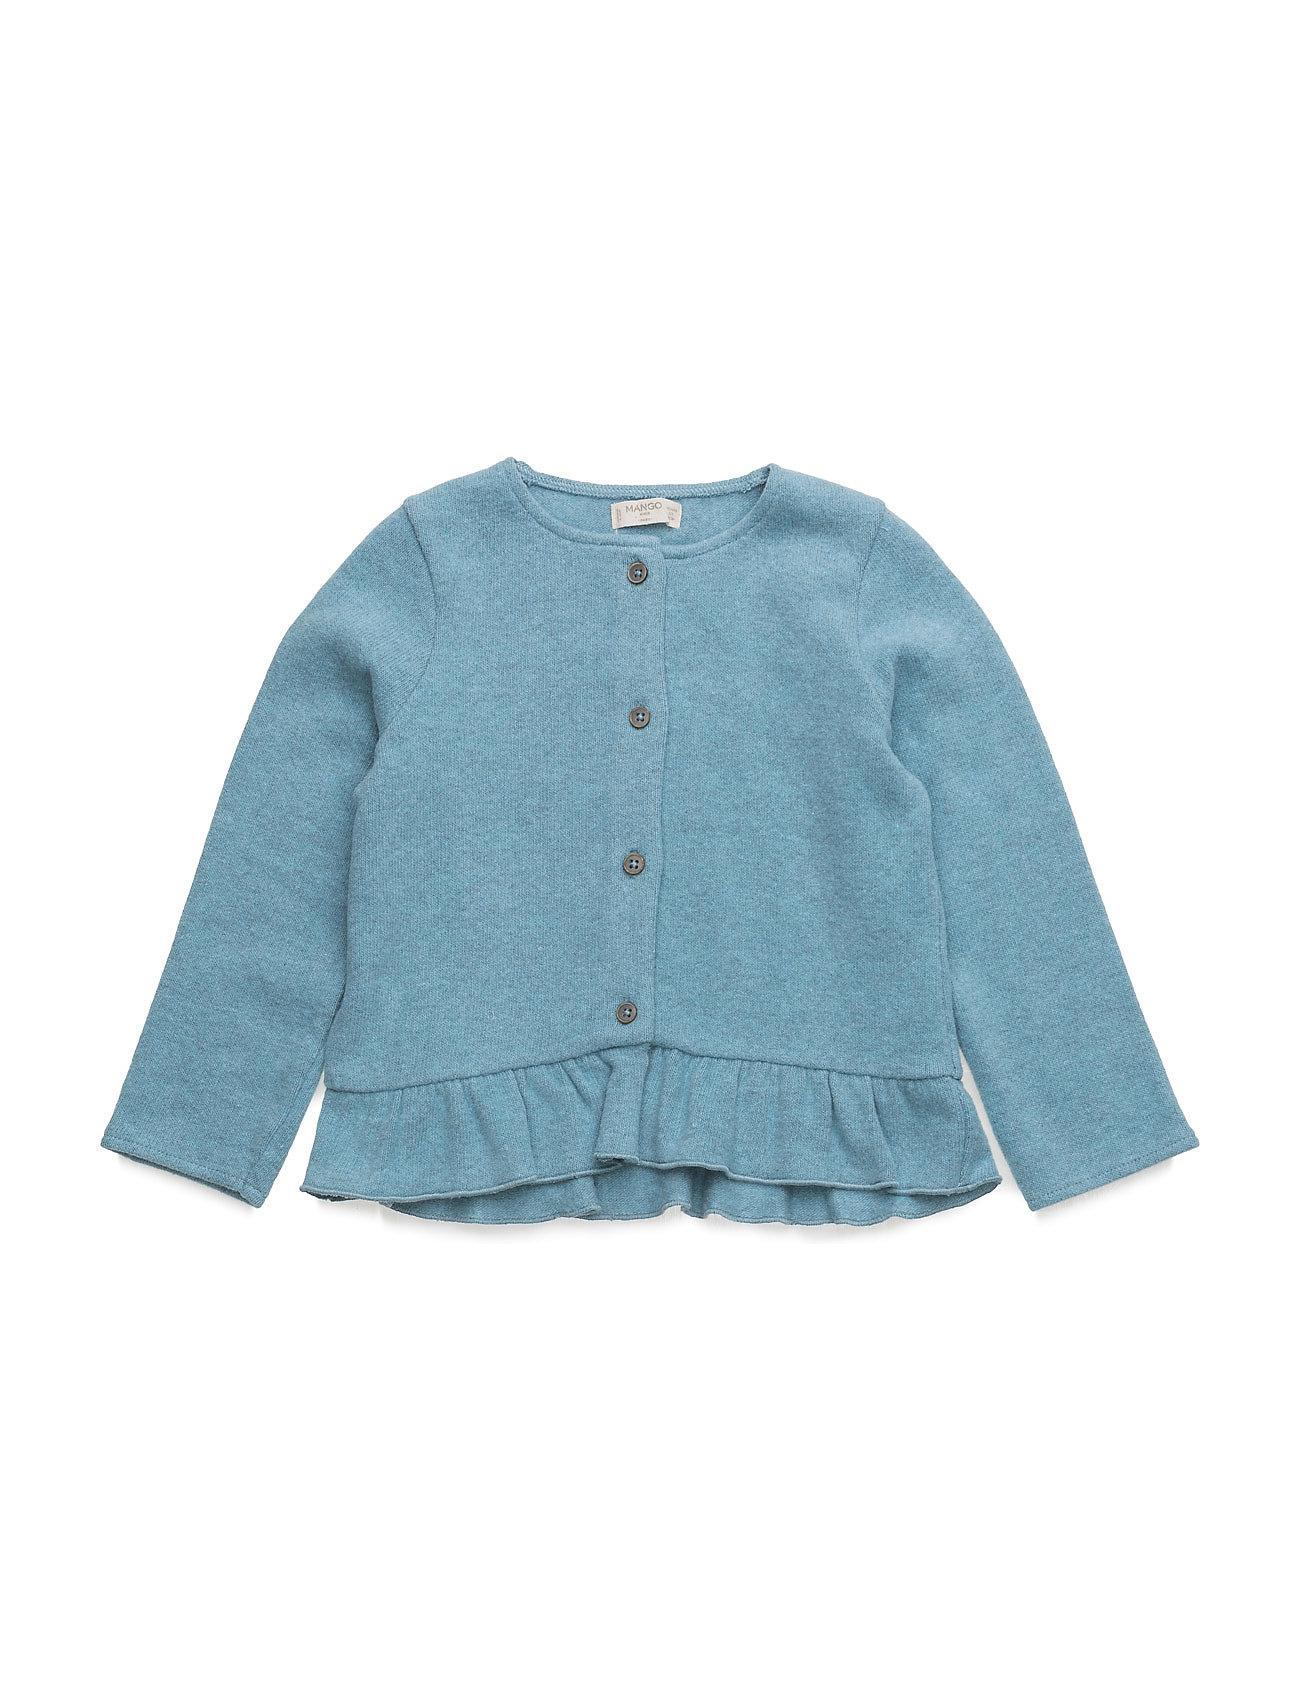 Cotton-Blend Cardigan Mango Kids Cardigans til Piger i Medium Blå